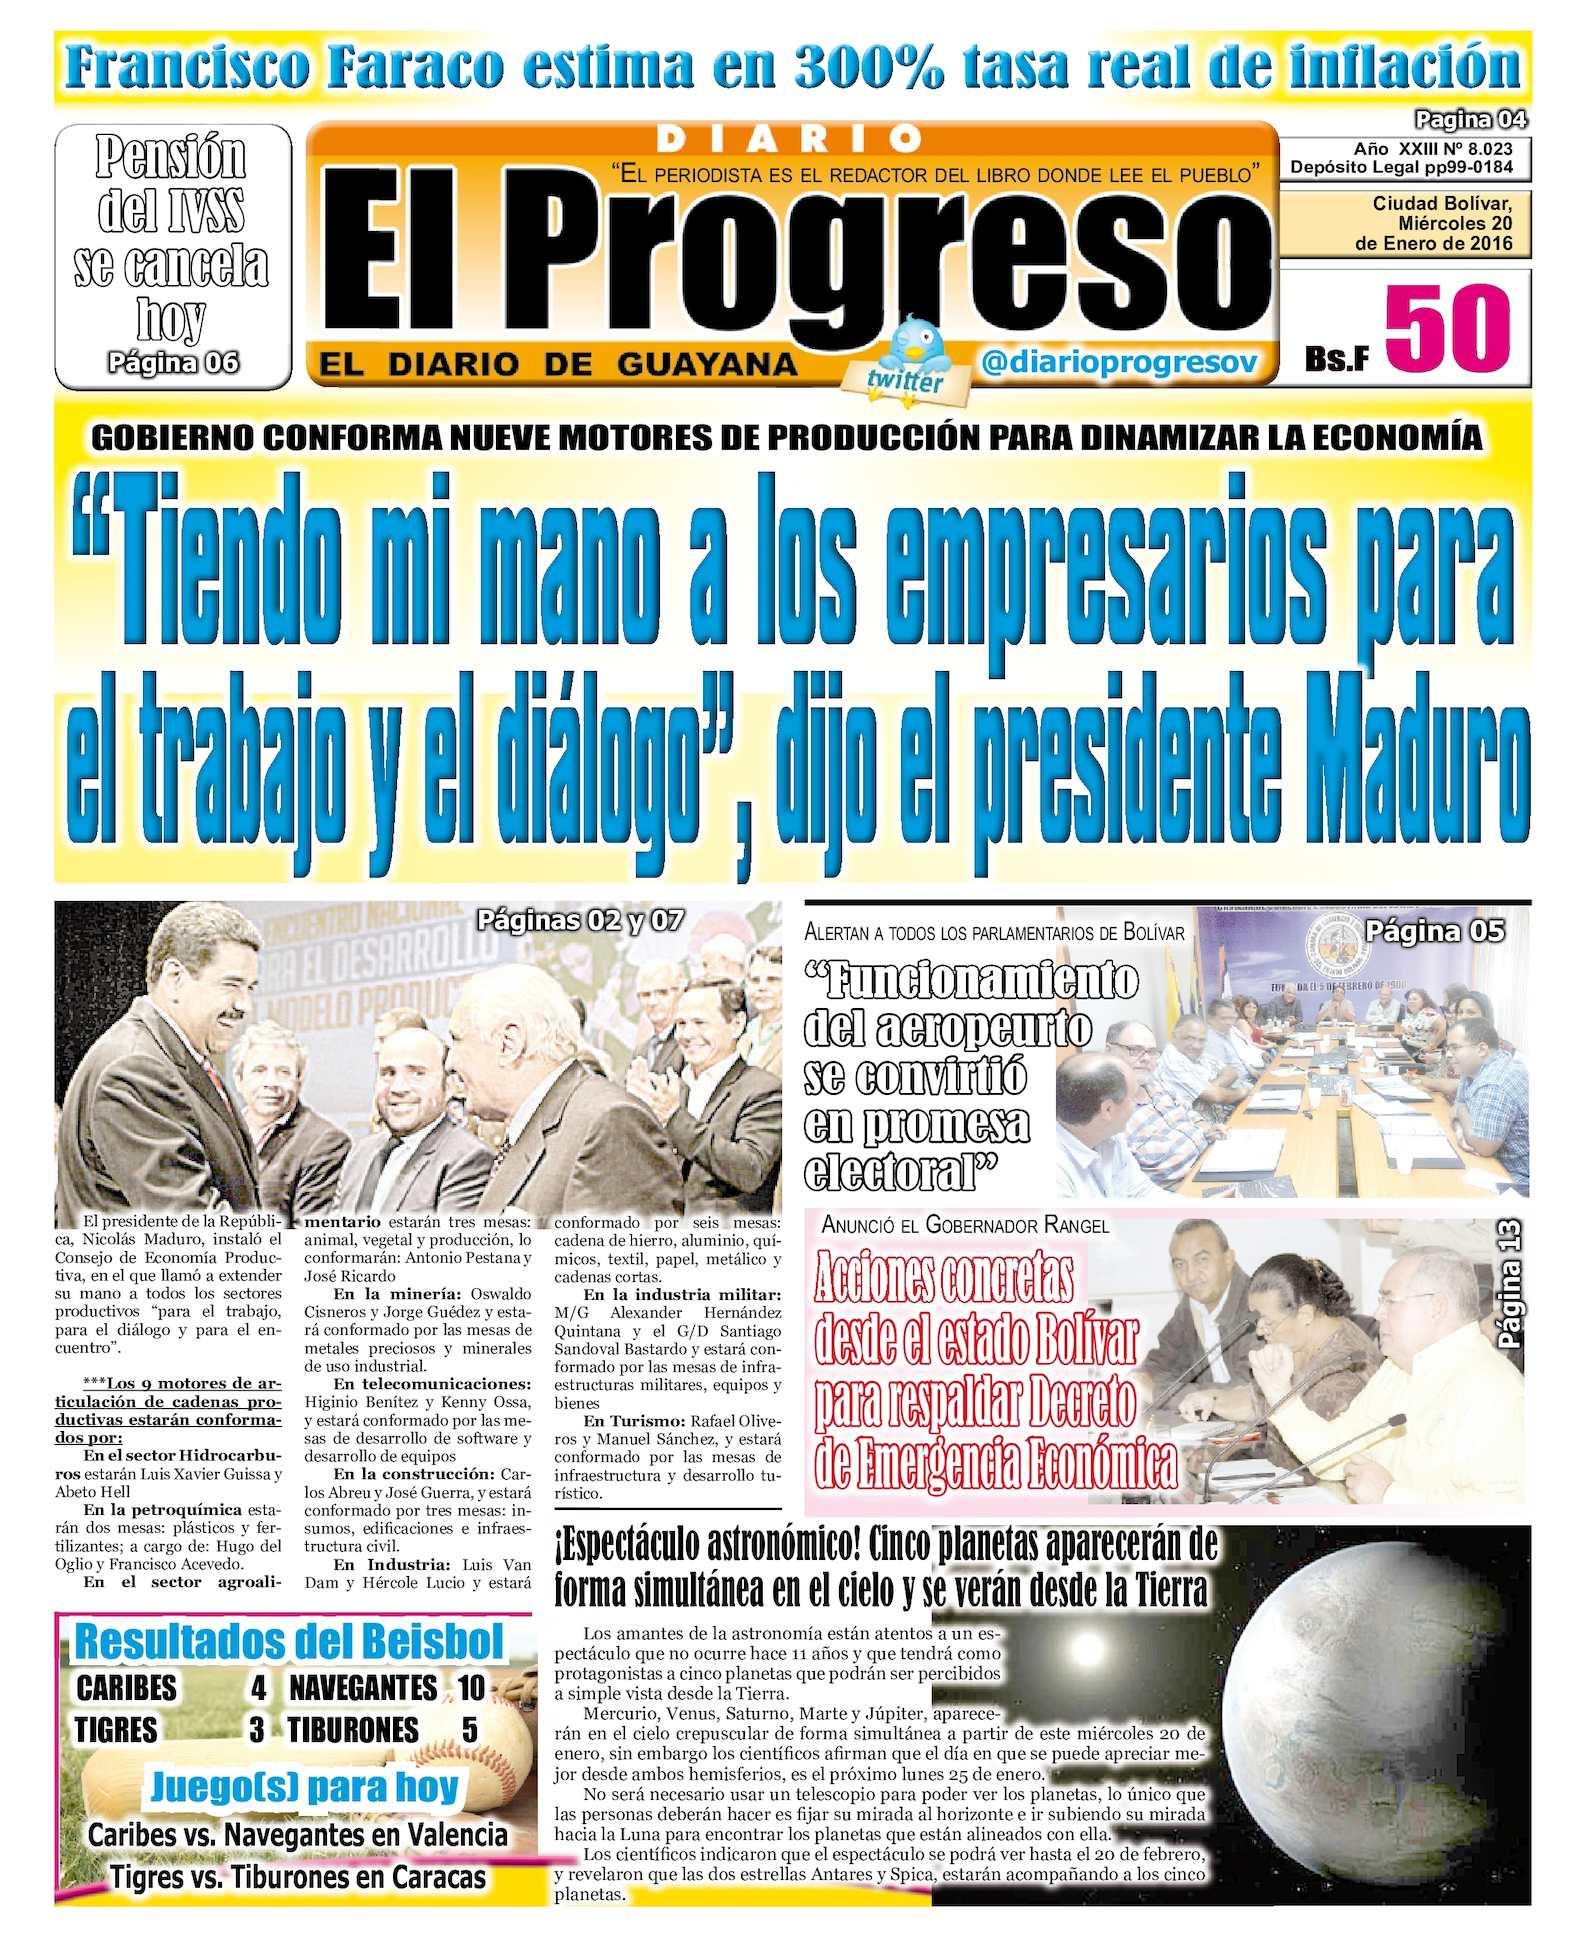 Calaméo - DiarioelprogresoEDICIÓNDIGITAL 20-01-2016